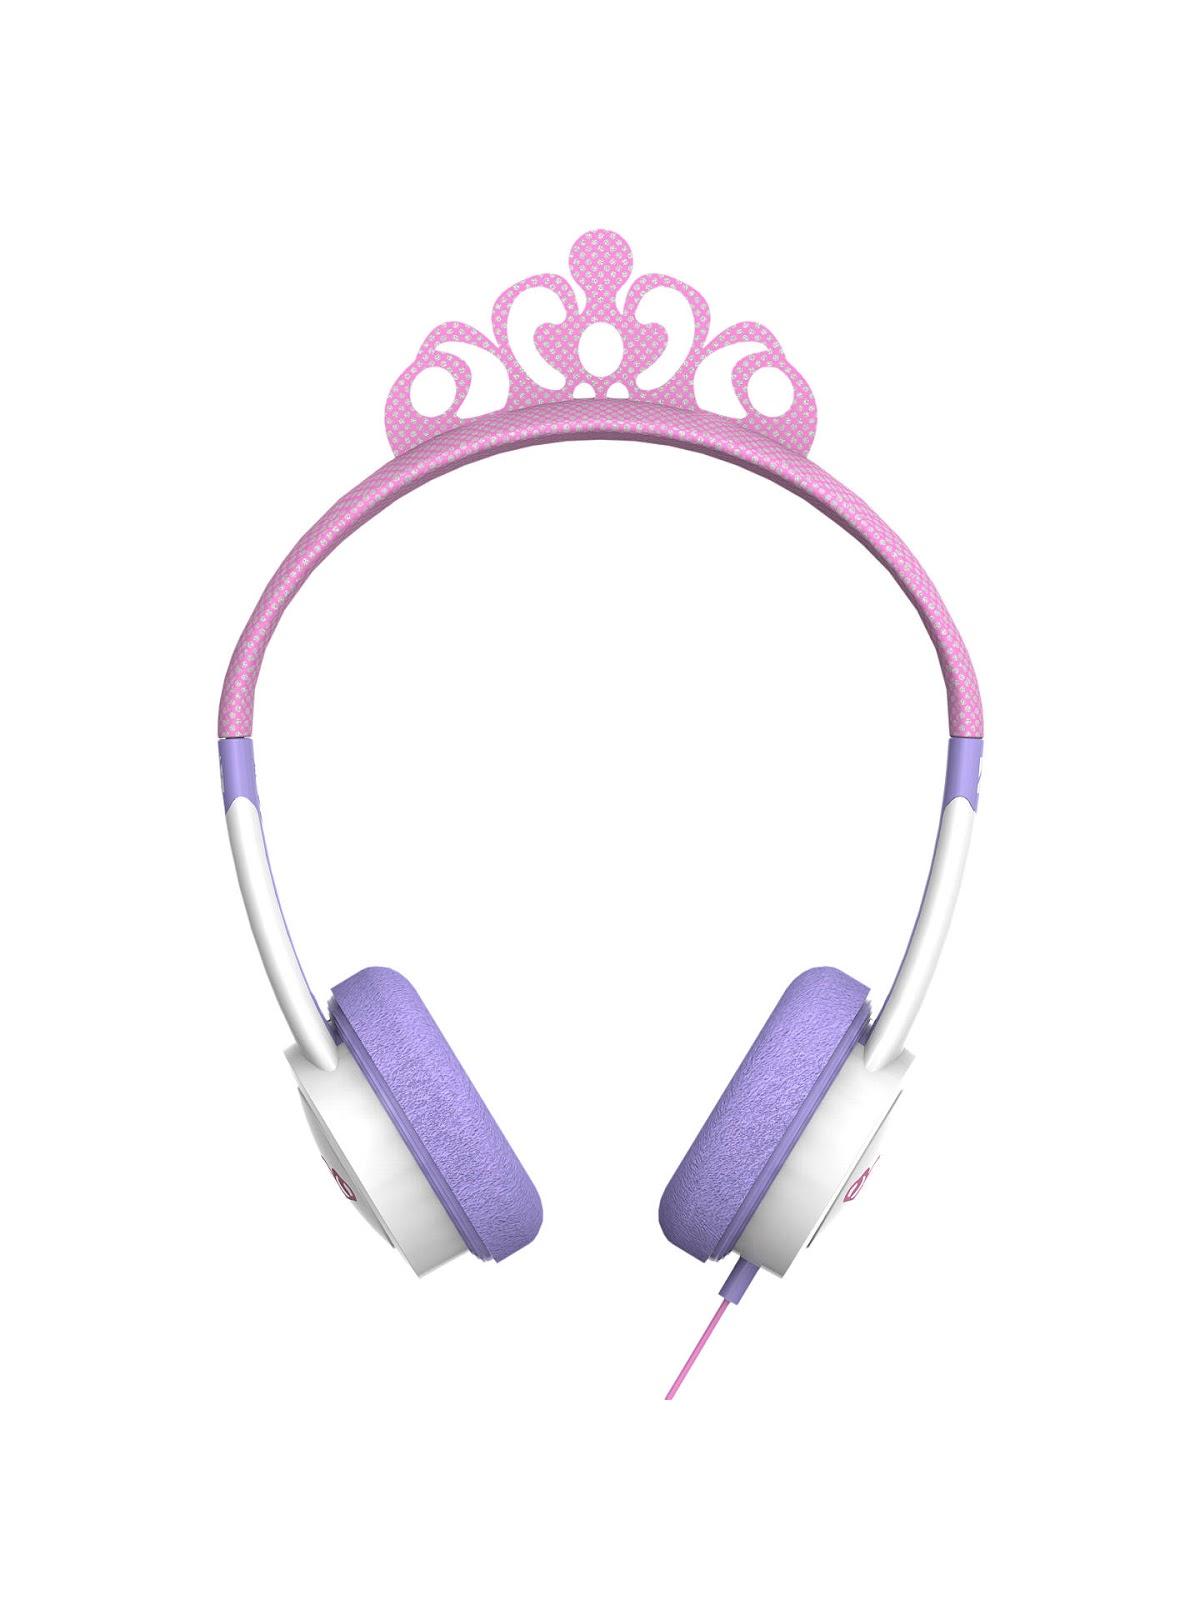 ifrogz little rockers headphones